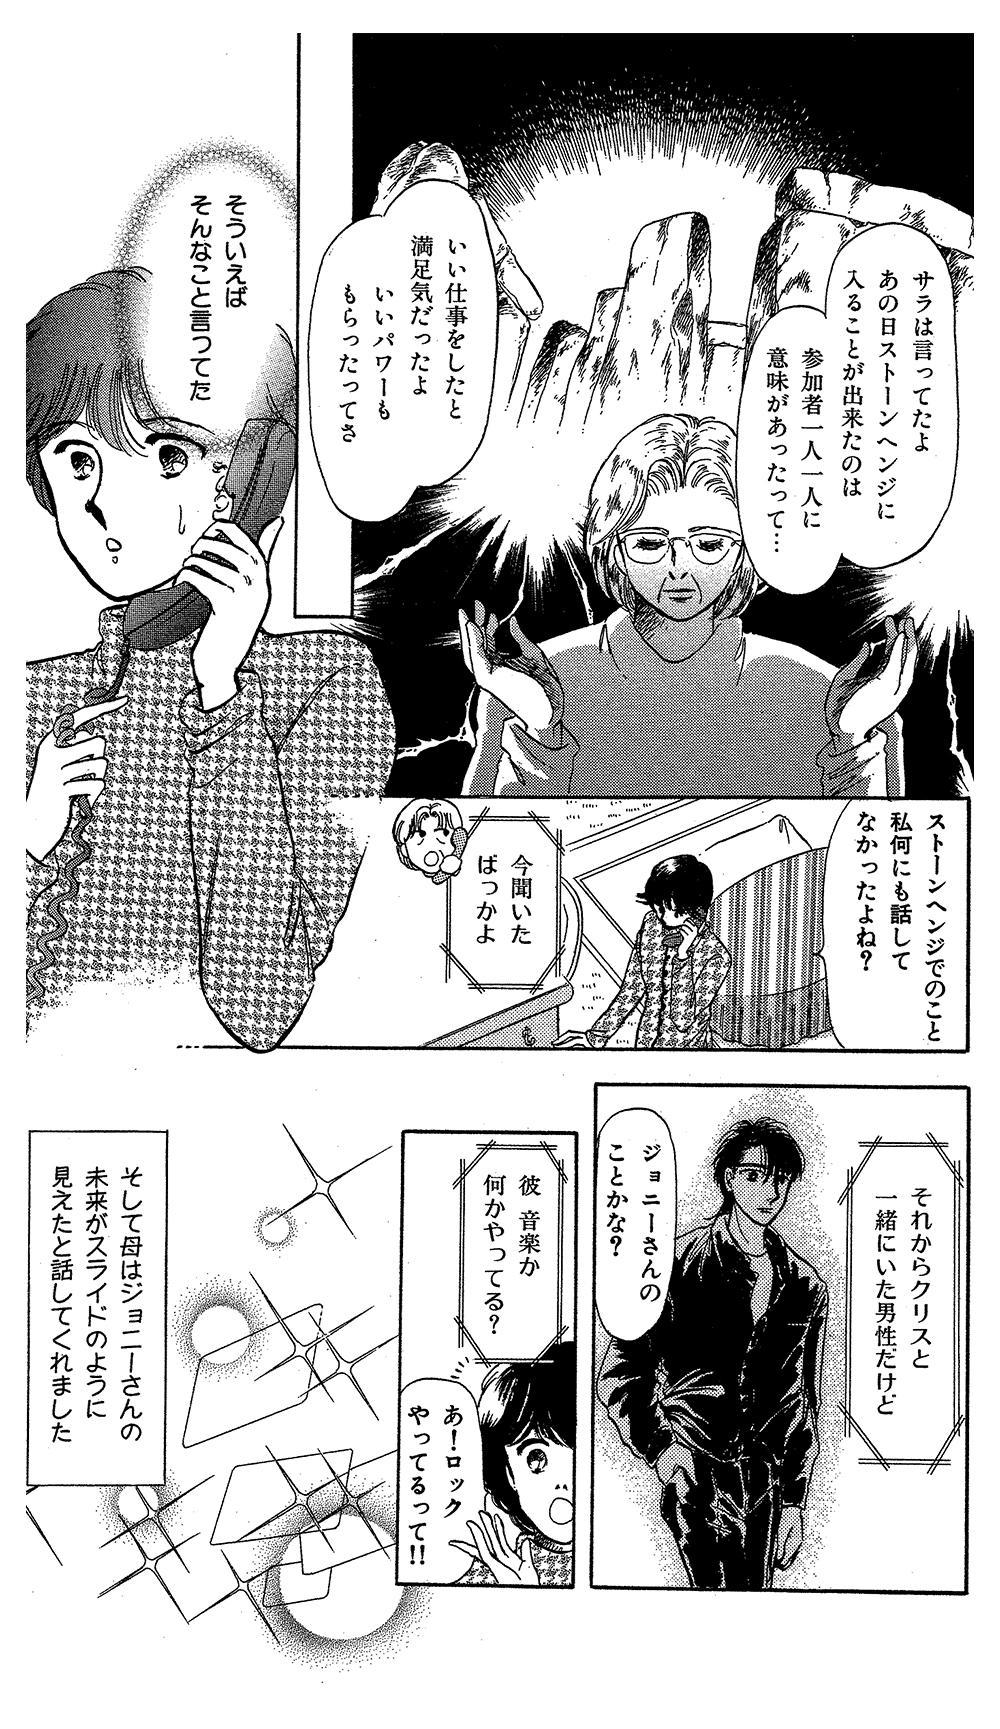 霊感ママシリーズ 第3話「英国ミステリーツアー」③reikanmama-02-95.jpg